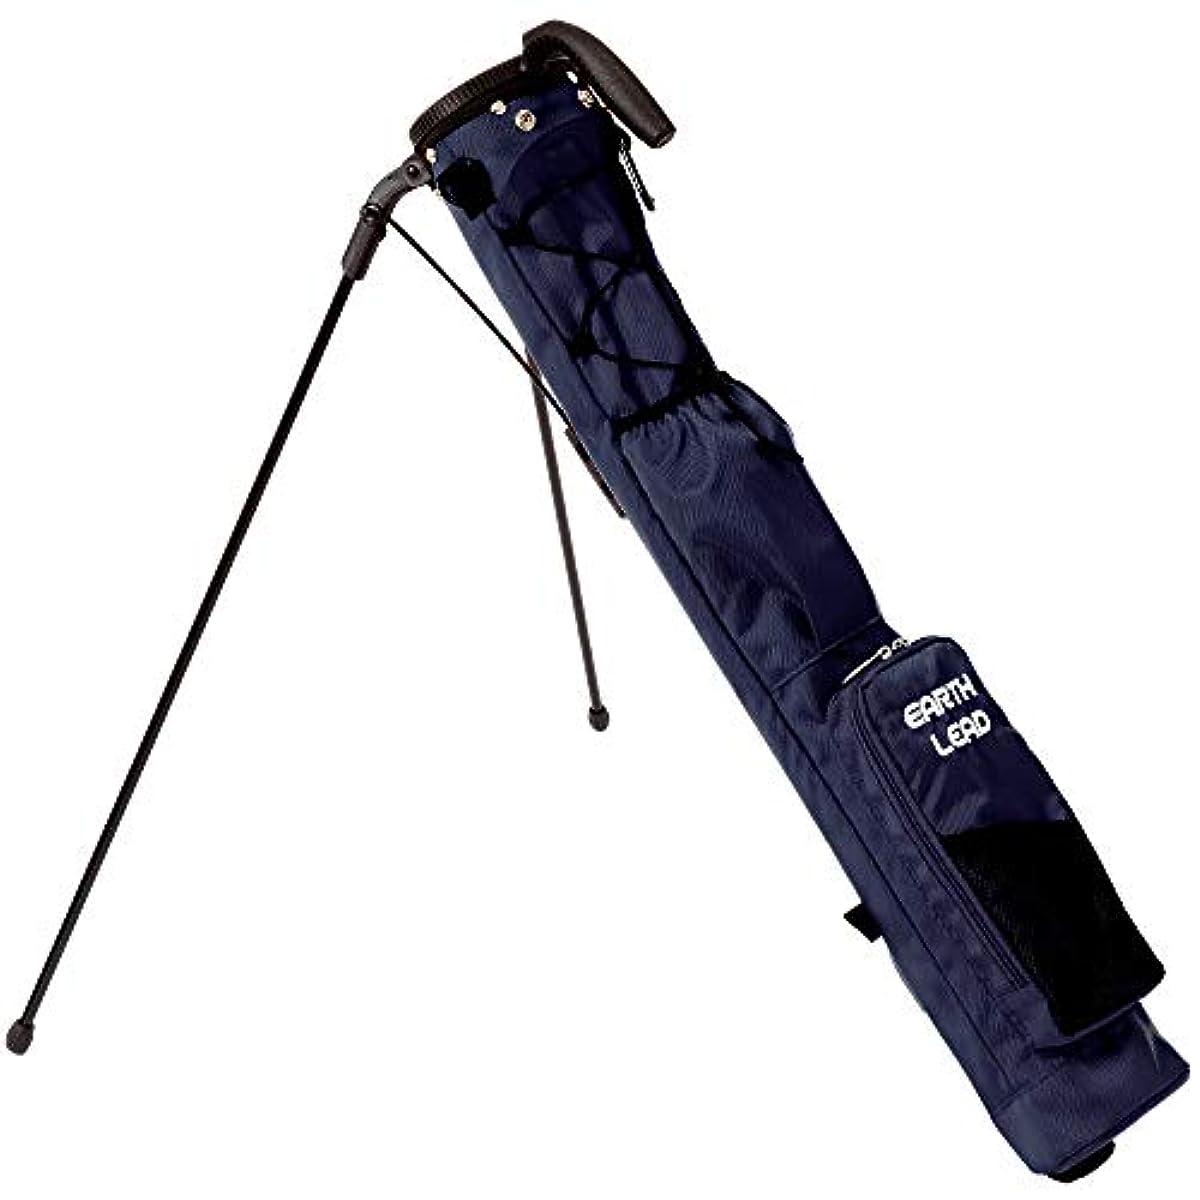 [해외] 【EARTH LEAD】골프 클럽 케이스 셀프 스탠드 클럽 케이스 후드&대형 포켓 첨부 와 초경량 저 중심 안정감 발군